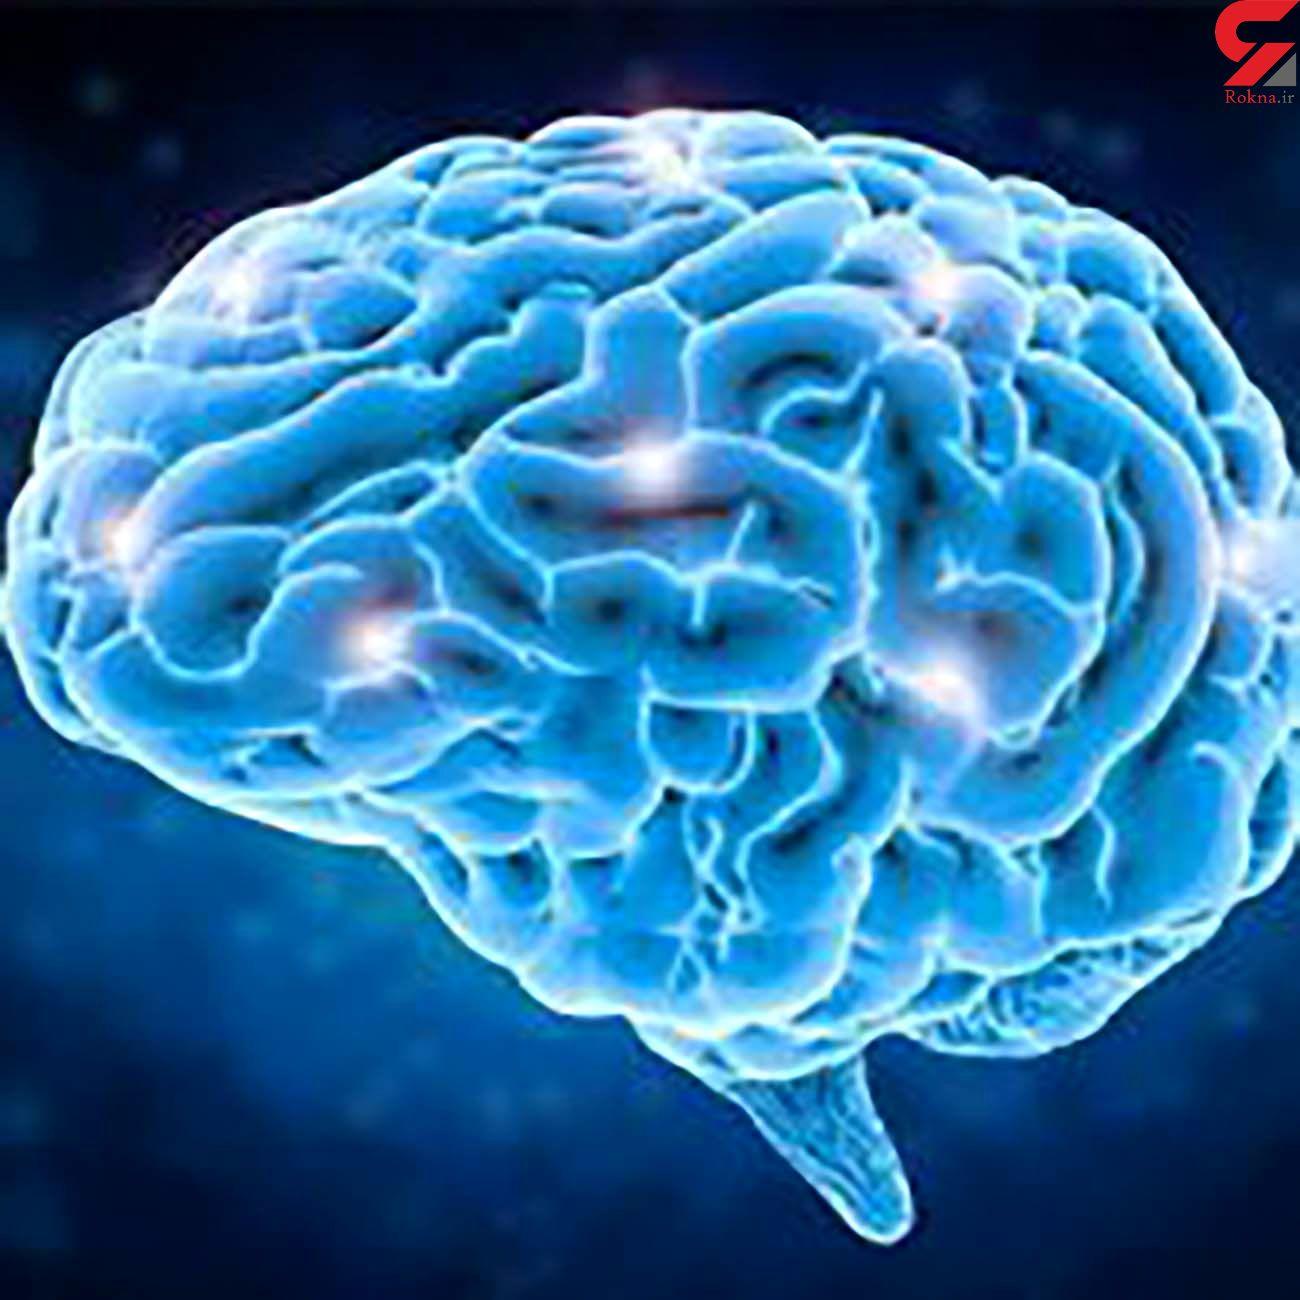 چرا مغز ما این قدر با کووید ۱۹ مساله دارد؟